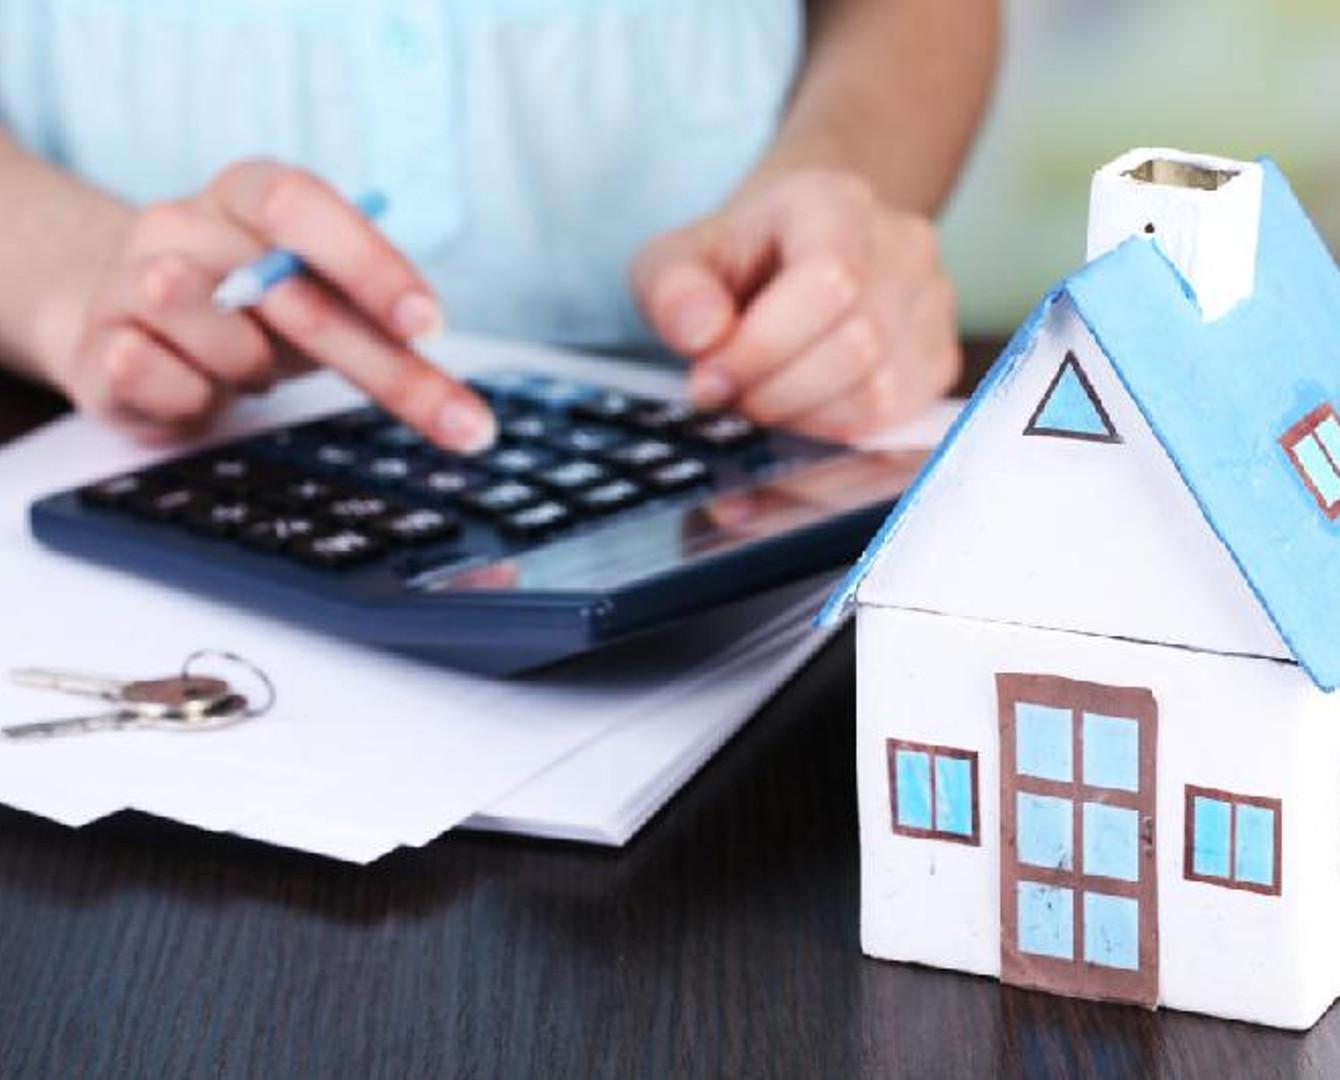 По 1 млн тенге выделят бюджетным работникам в Астане на покупку жилья